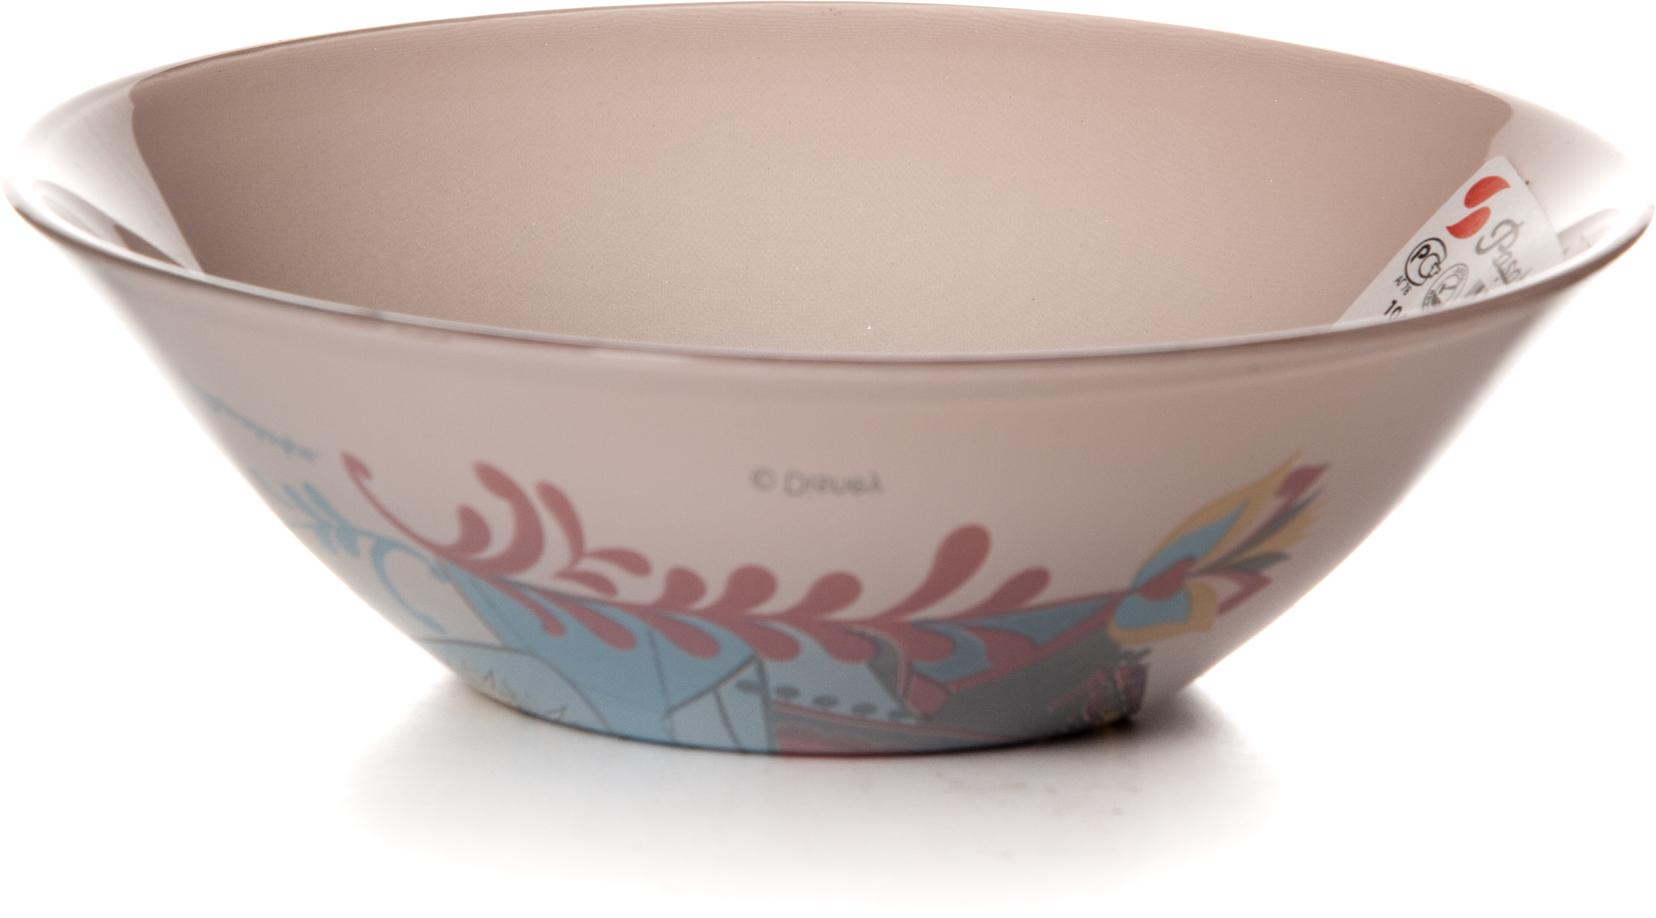 Салатник Pasabahce Холодное Сердце, цвет: розовый, диаметр 14 см тарелка pasabahce холодное сердце цвет розовый диаметр 19 5 см 10327slbd26